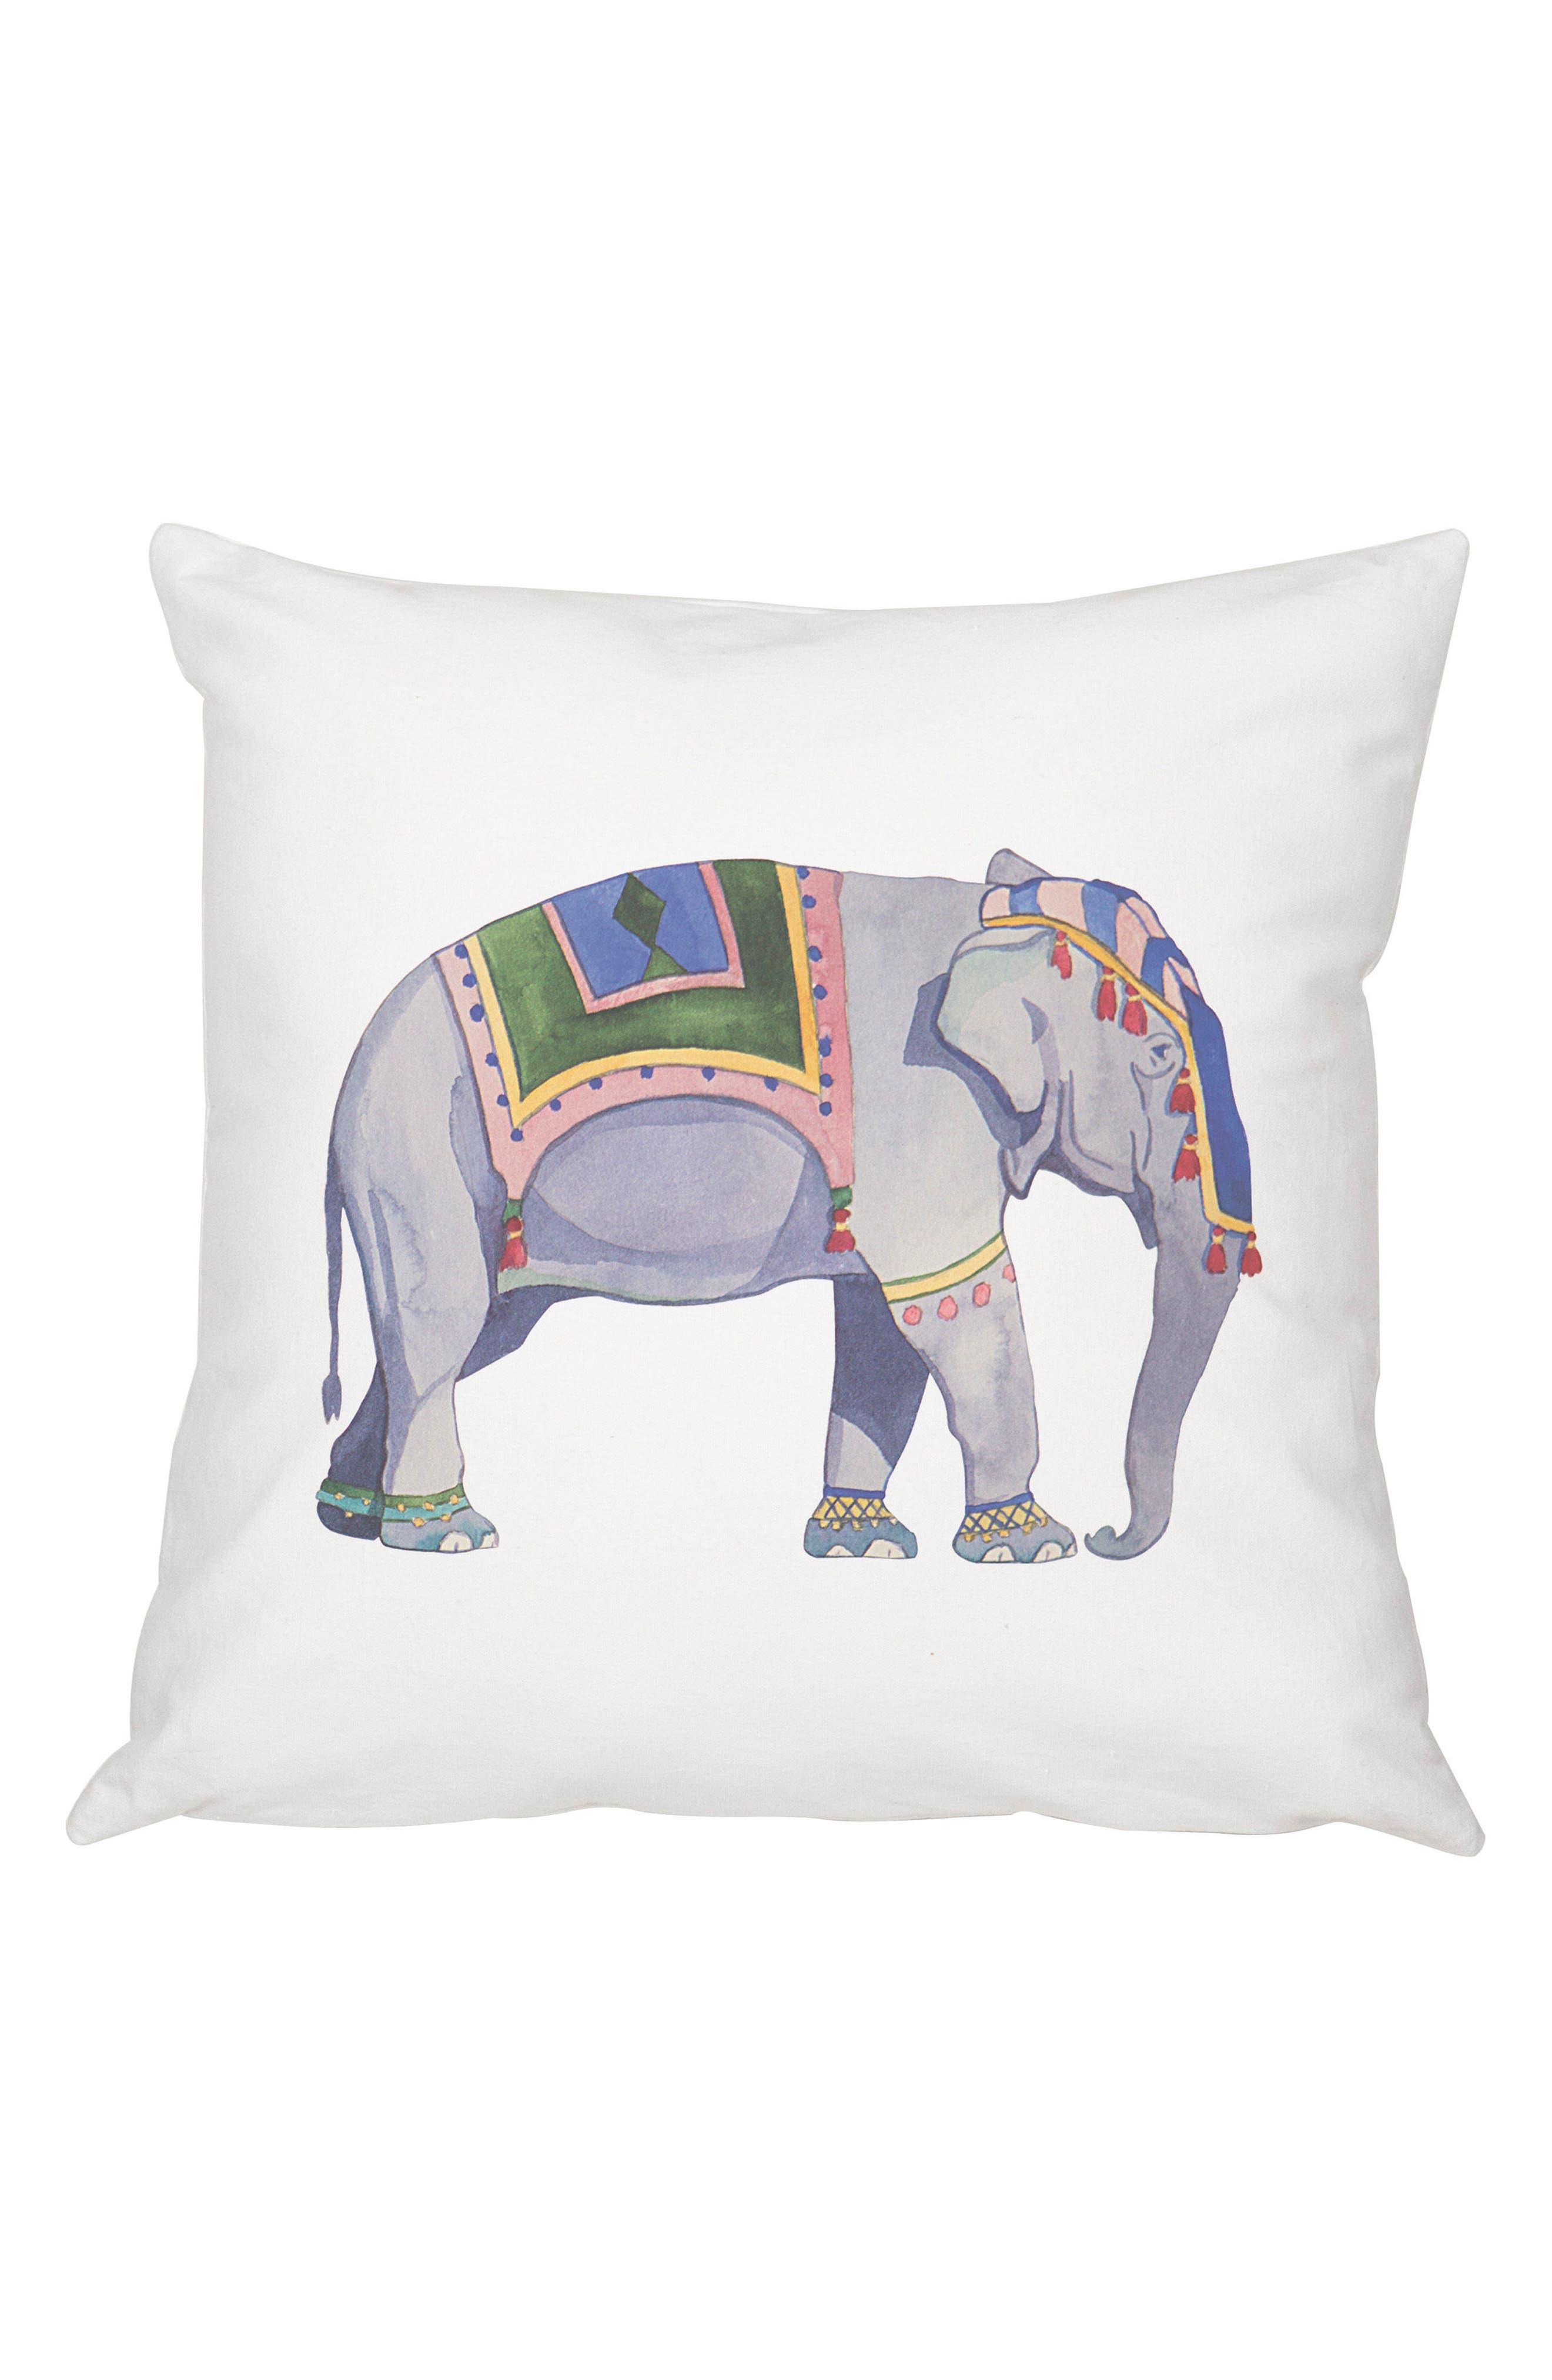 Elephant Accent Pillow,                         Main,                         color, Multi